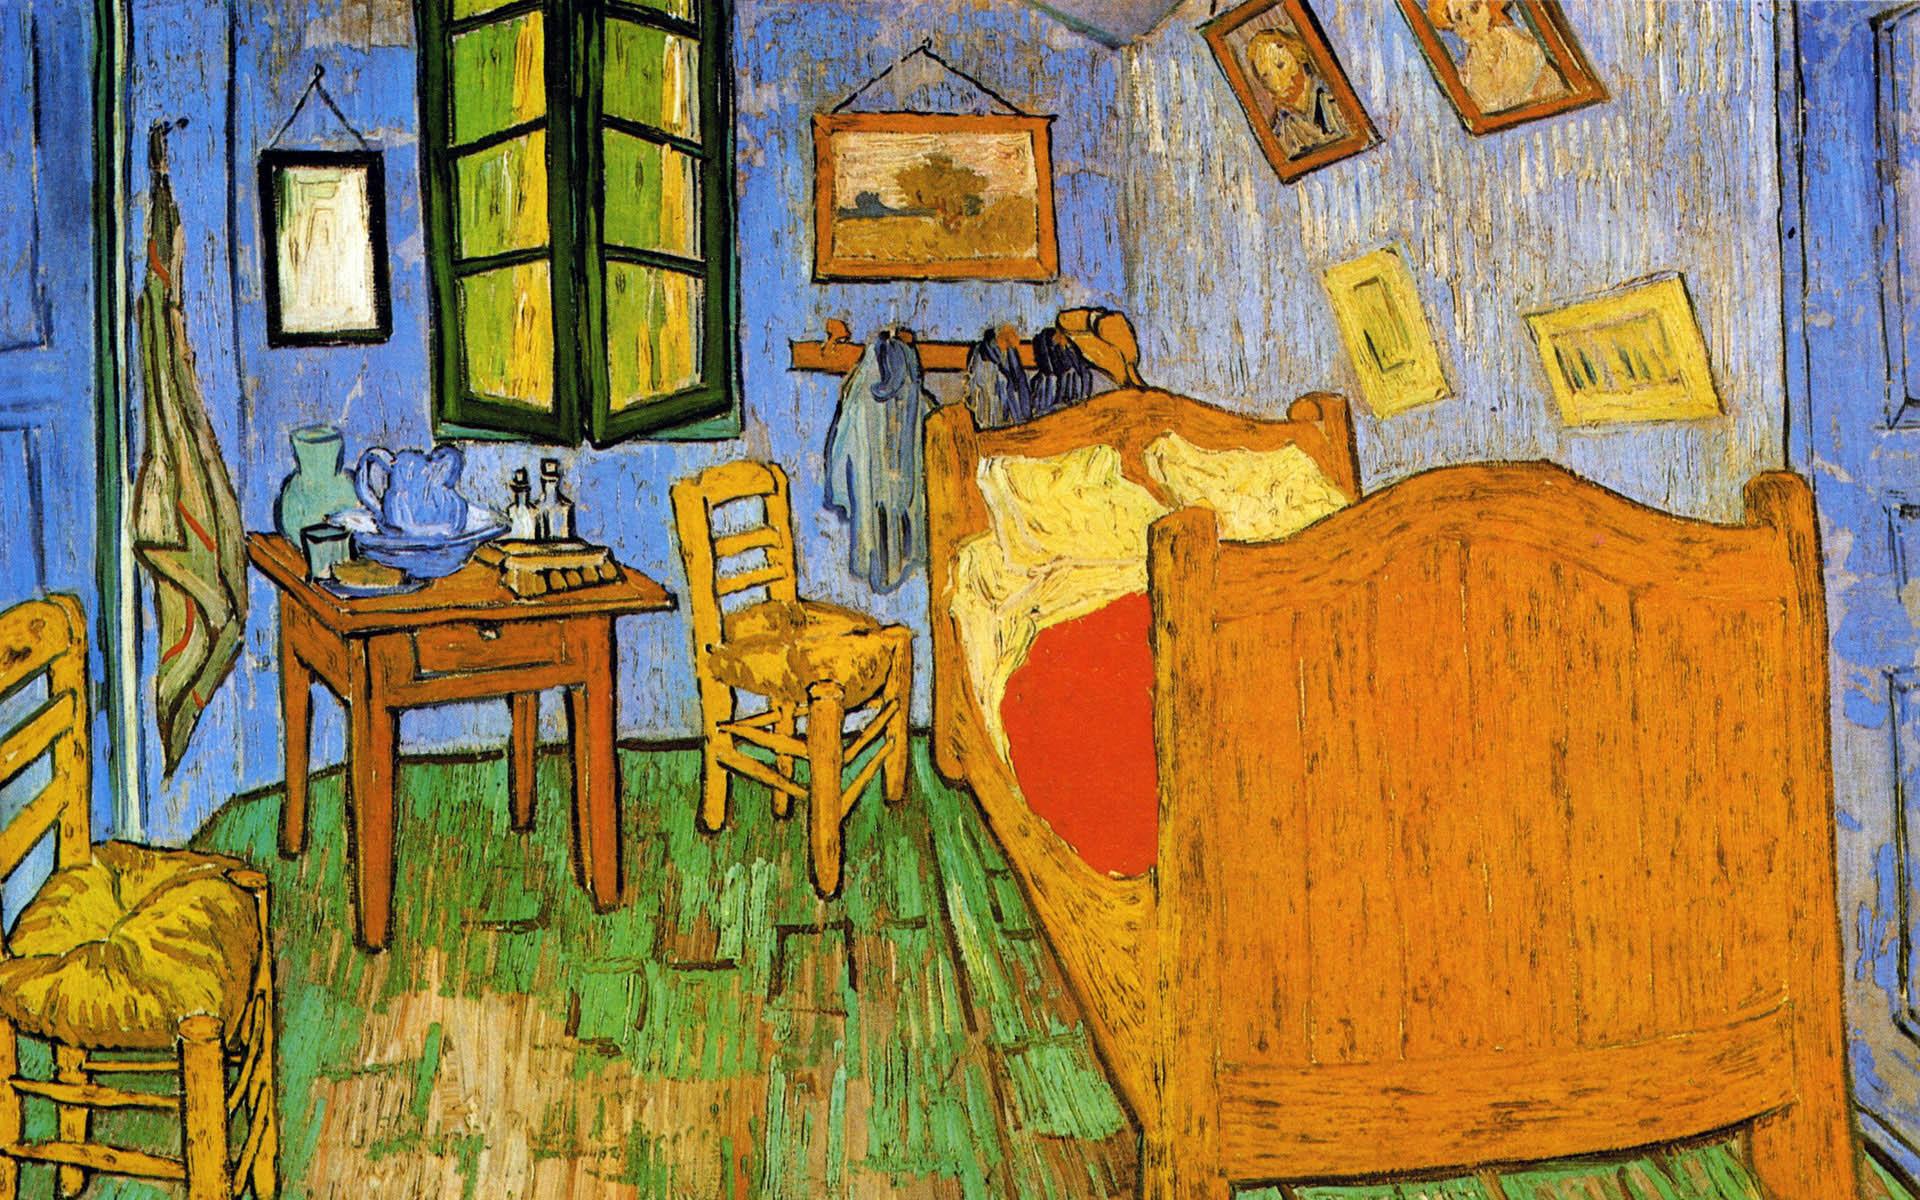 Van Gogh e la sua stanza di Arles, il rifugio dal tormento | RestaurArs